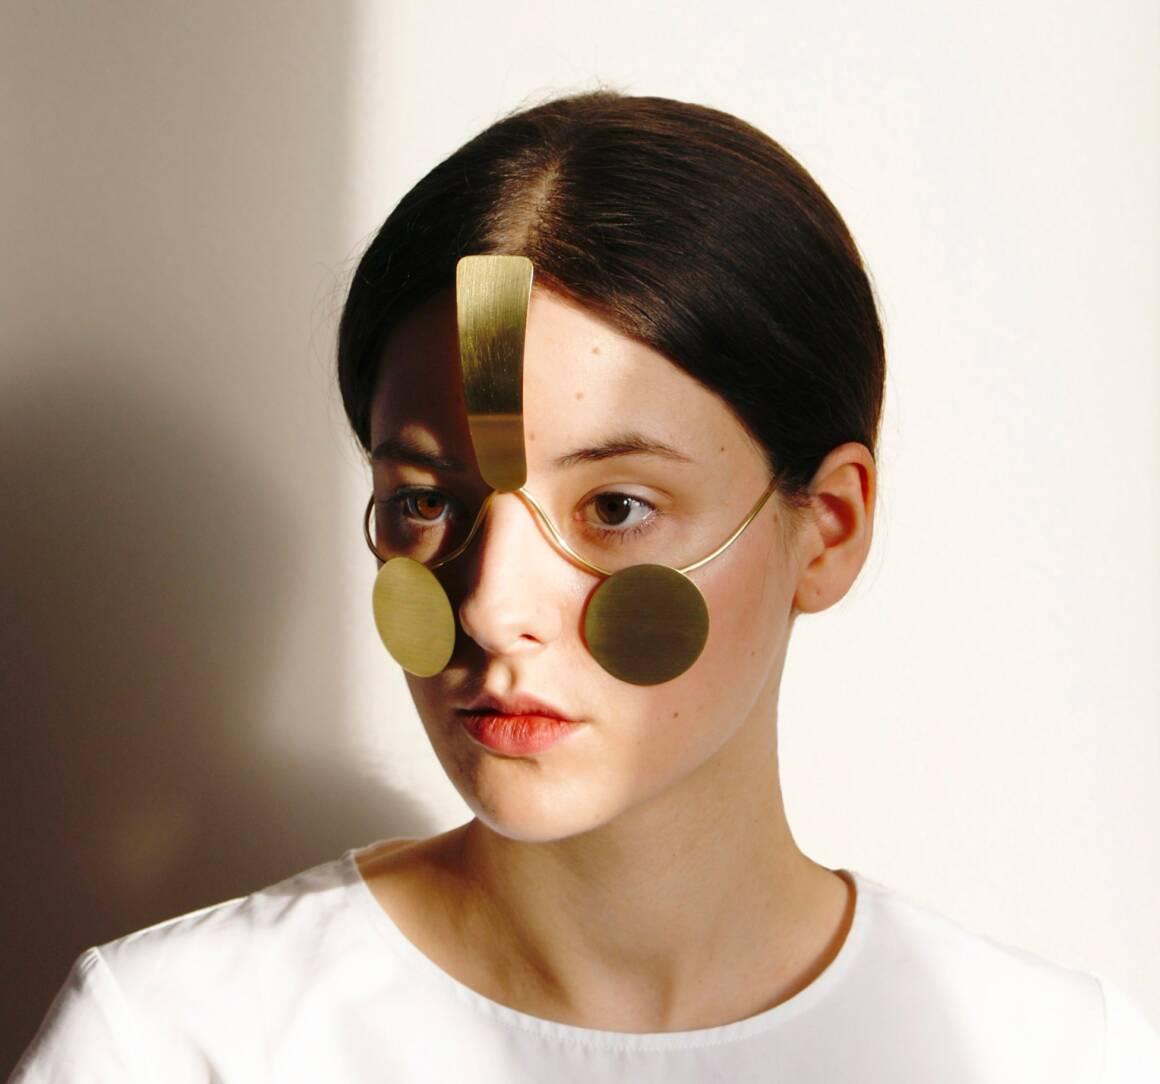 i gioielli per il viso che impediscono il riconoscimento facciale 1160x1084 - I gioielli per il viso che impediscono il riconoscimento facciale